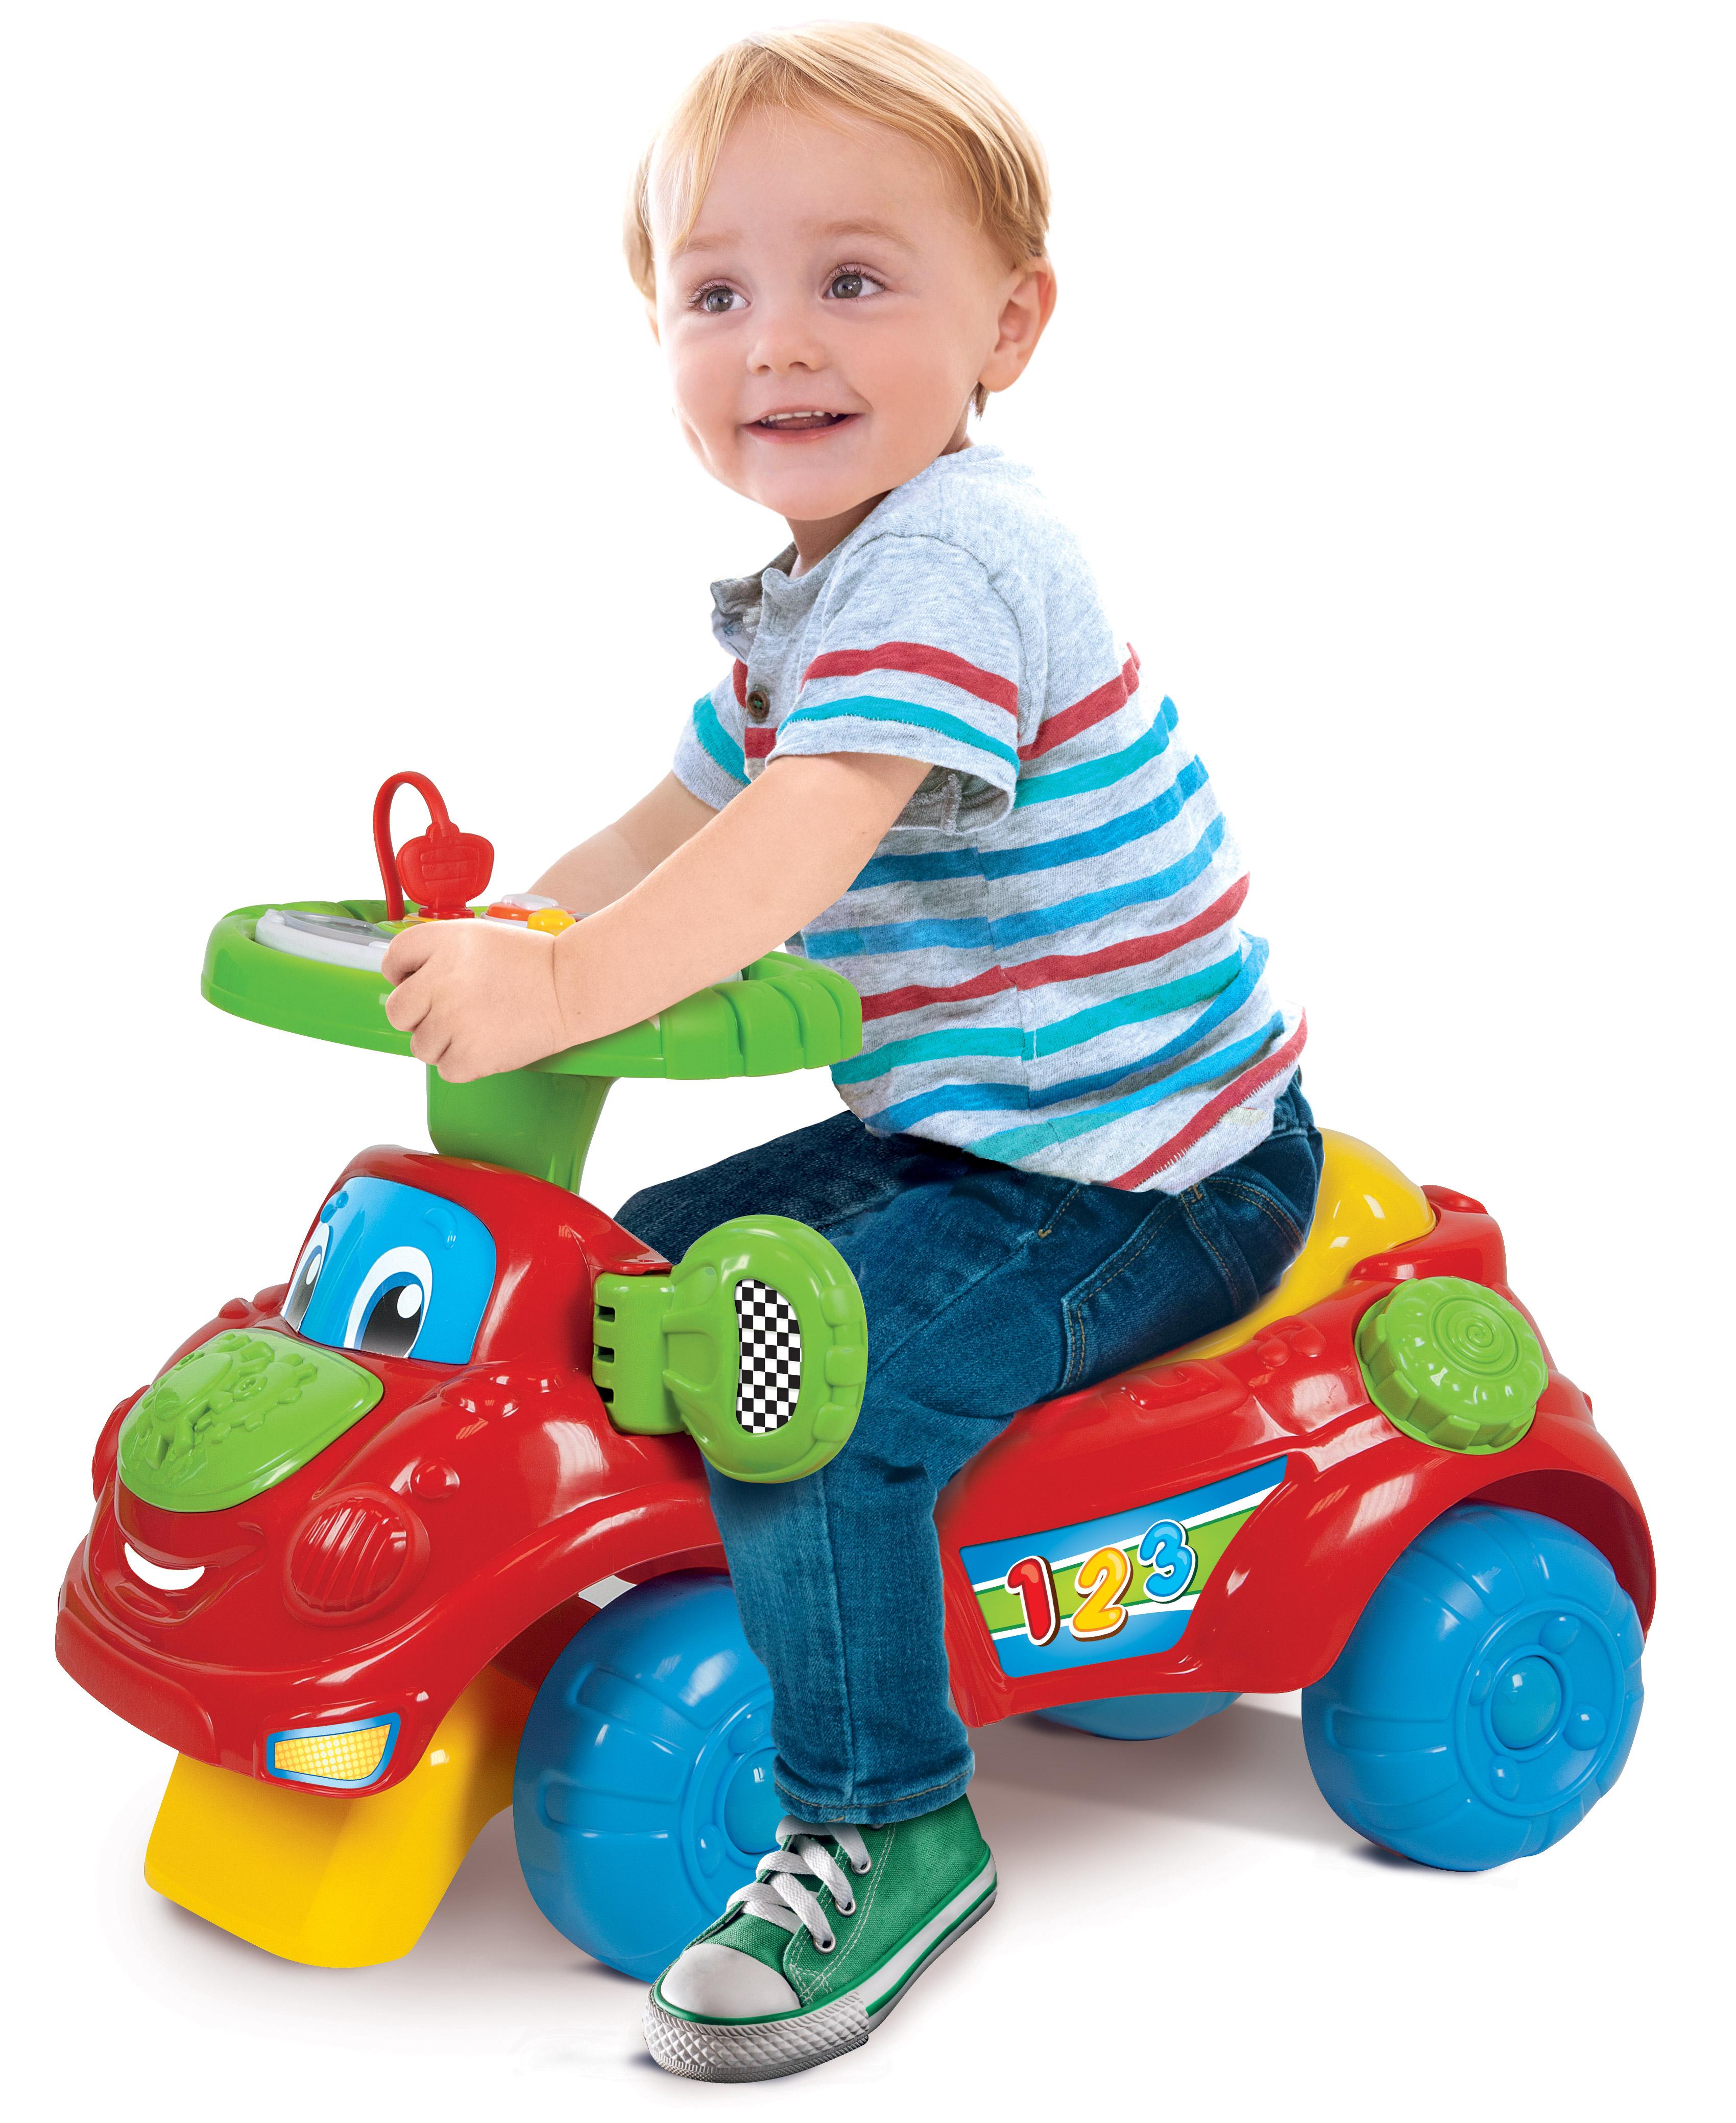 Nicolò Go Go Toys Center